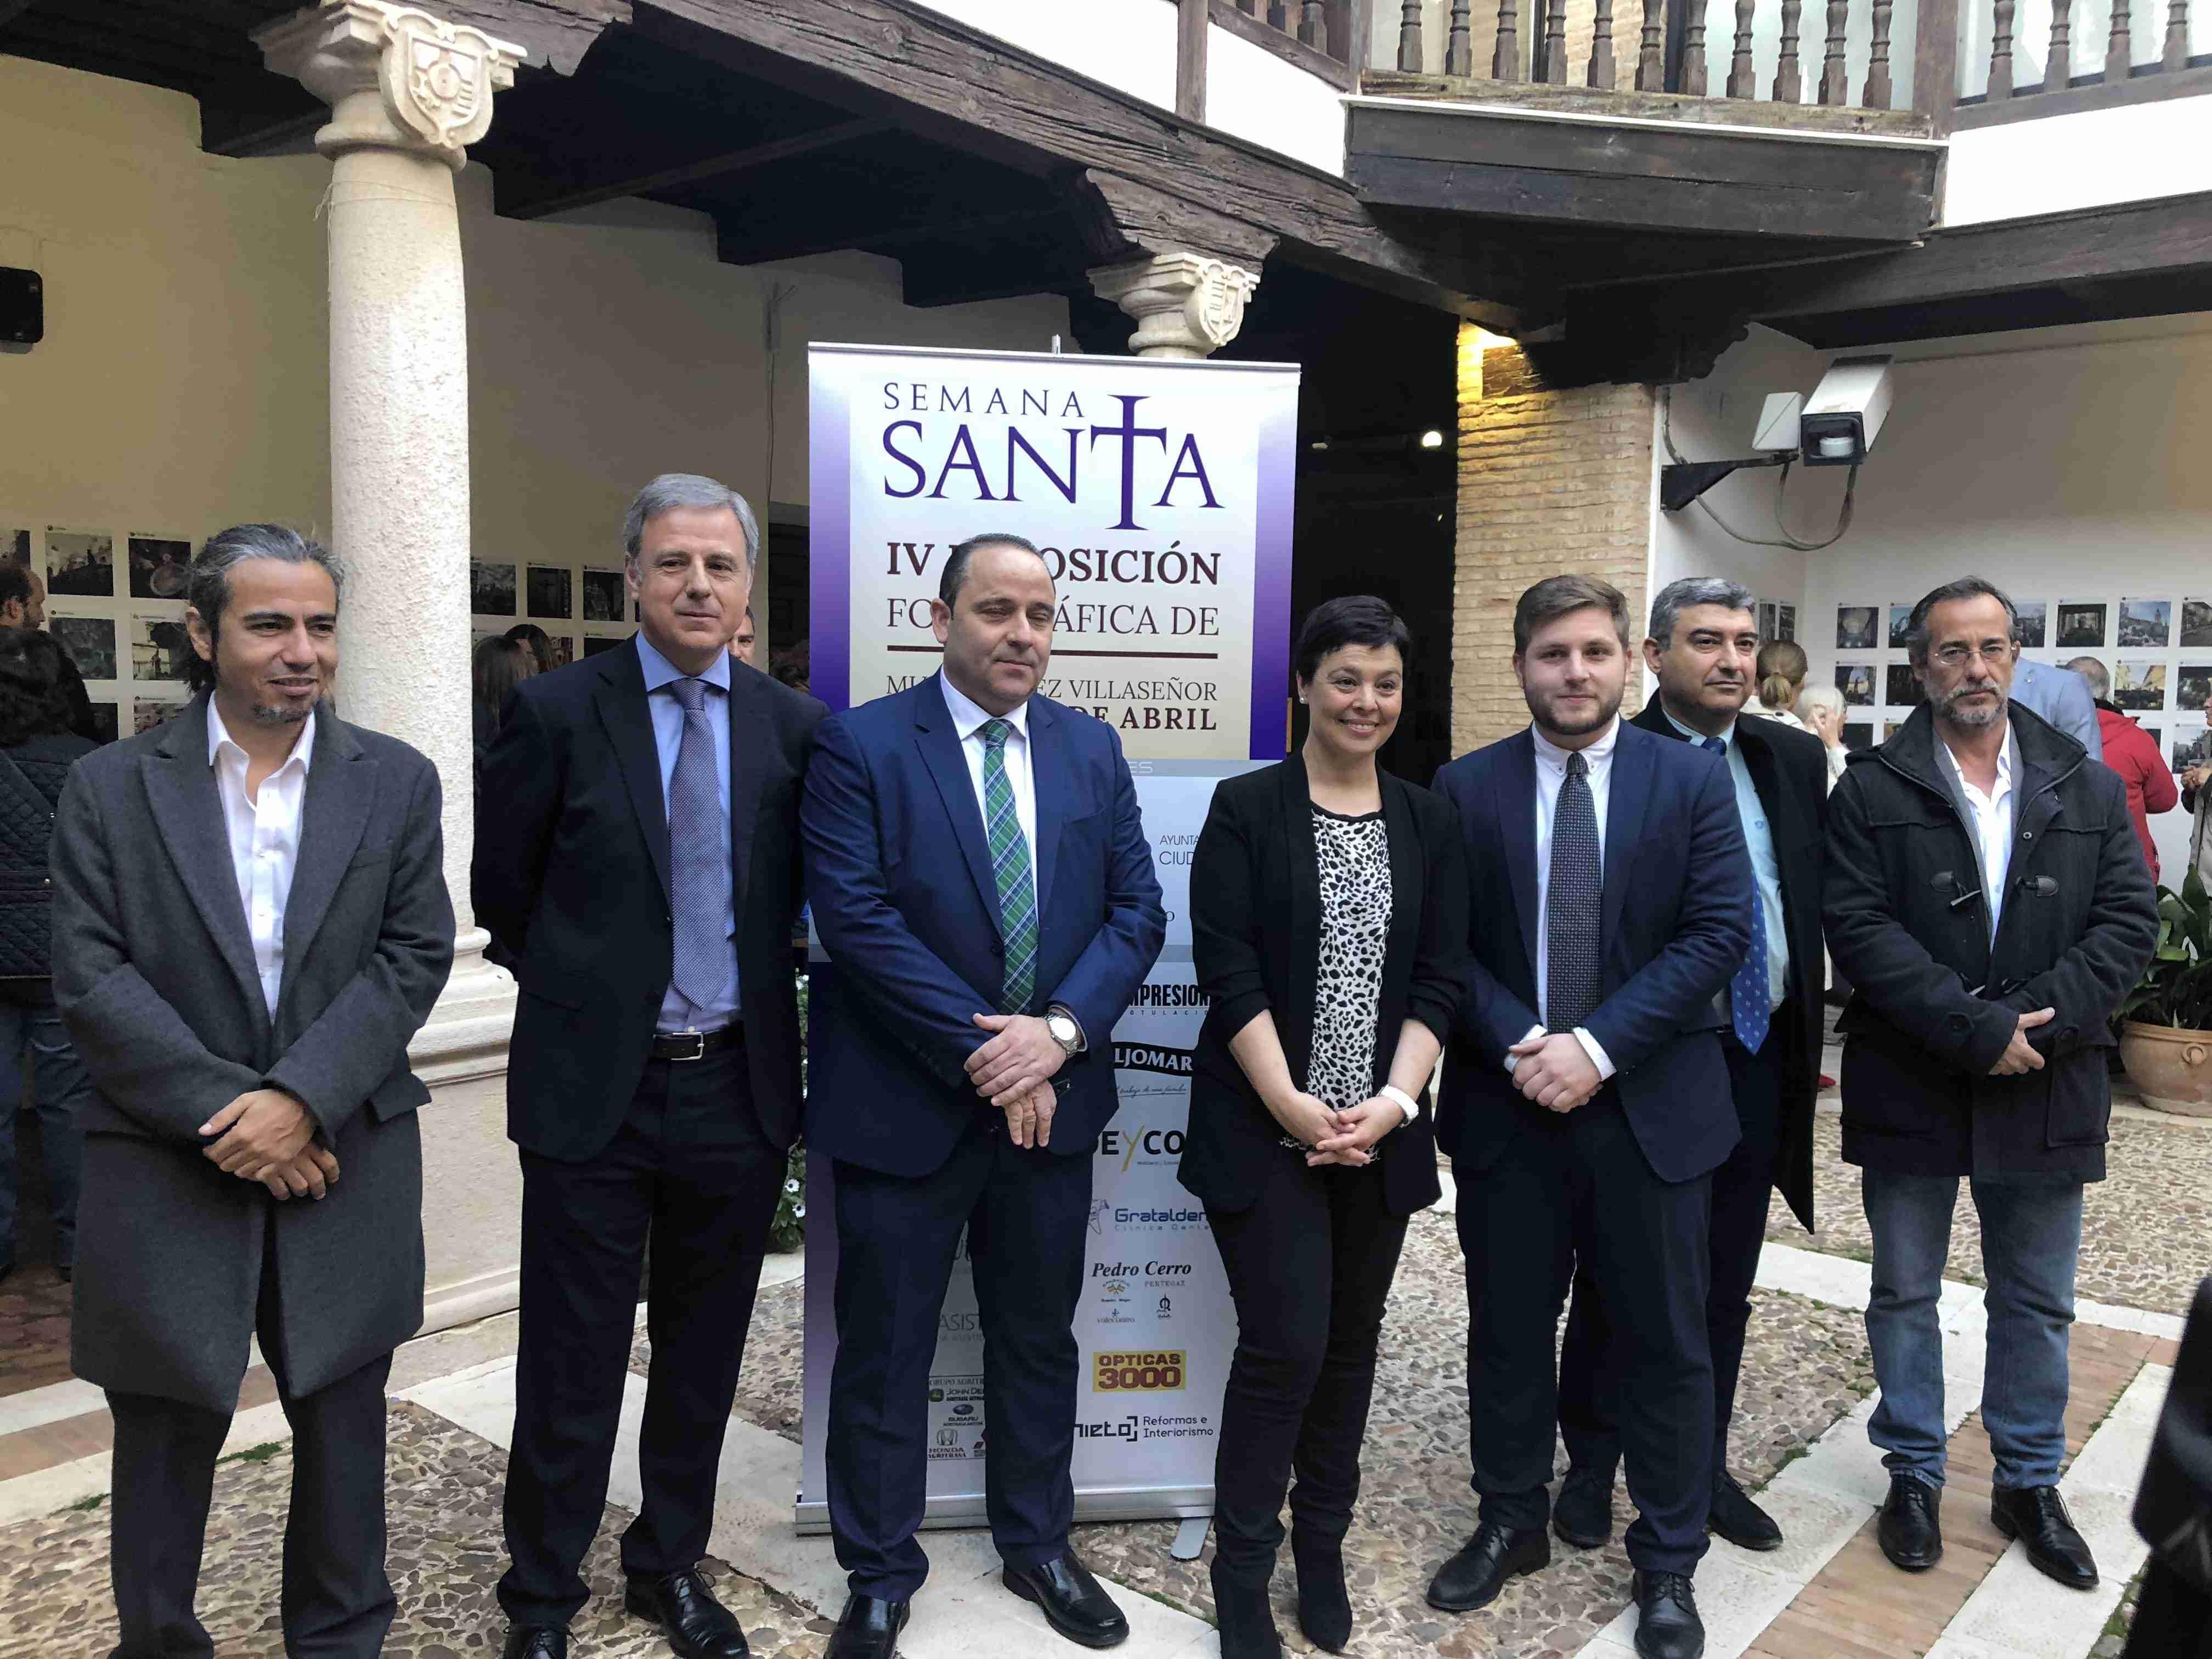 El Gobierno de Castilla-La Mancha reivindica el carácter abierto y generoso de la Semana Santa de Ciudad Real 3